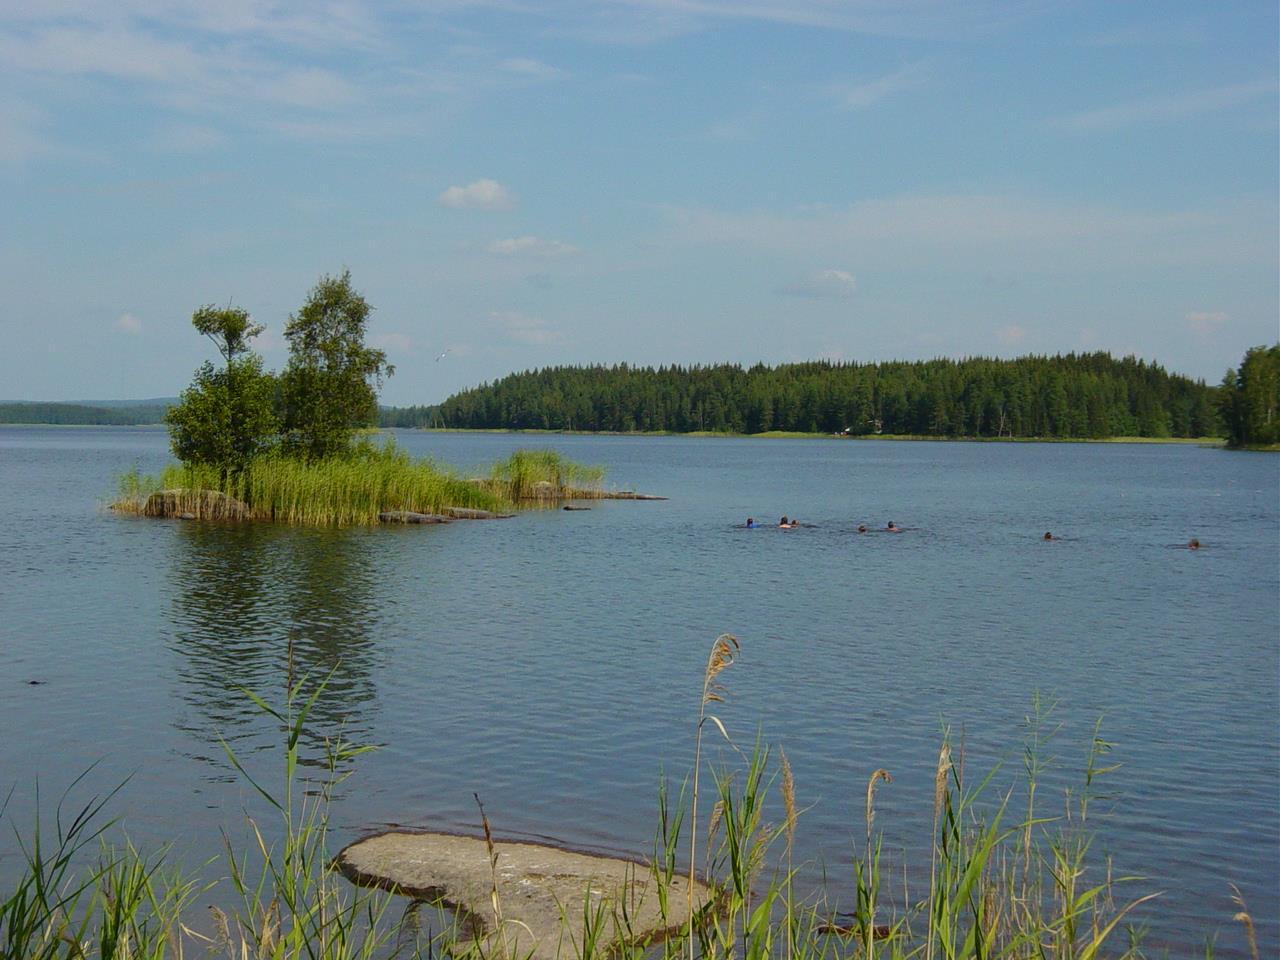 16 Een deel van de groep zwemt heen en terug naar het kleine eilandje (Bas Wetter)